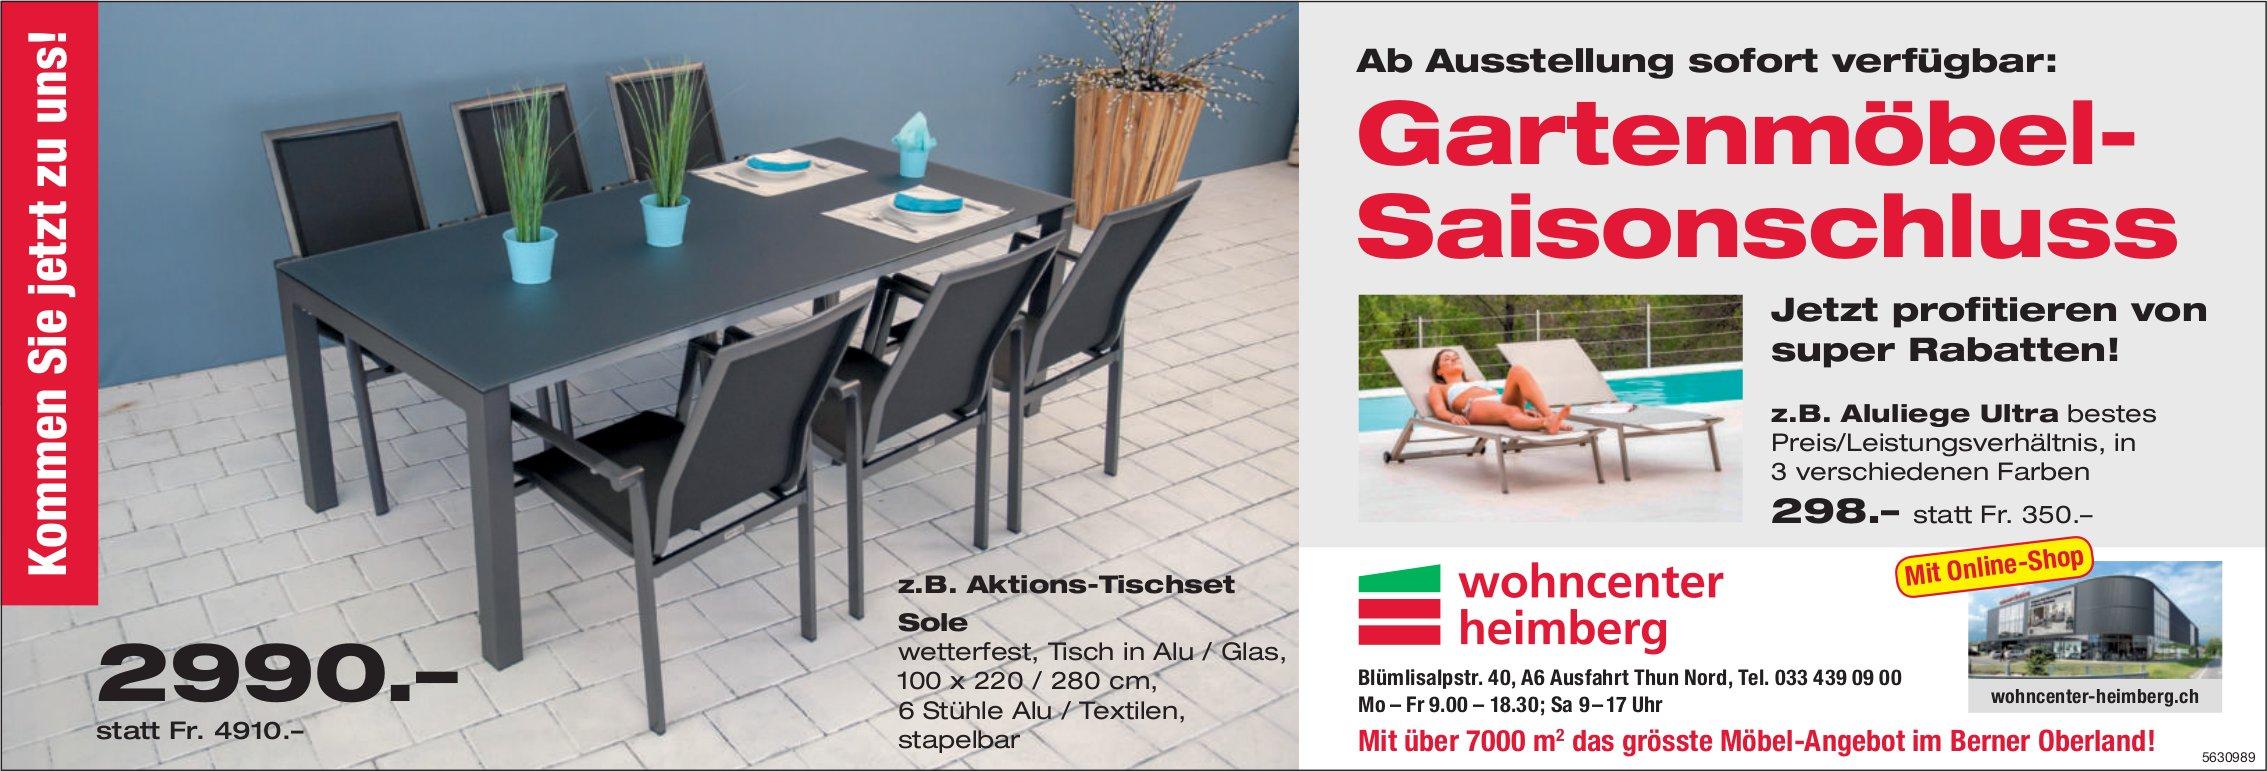 Wohncenter Heimberg - Gartenmöbel- Saisonschluss